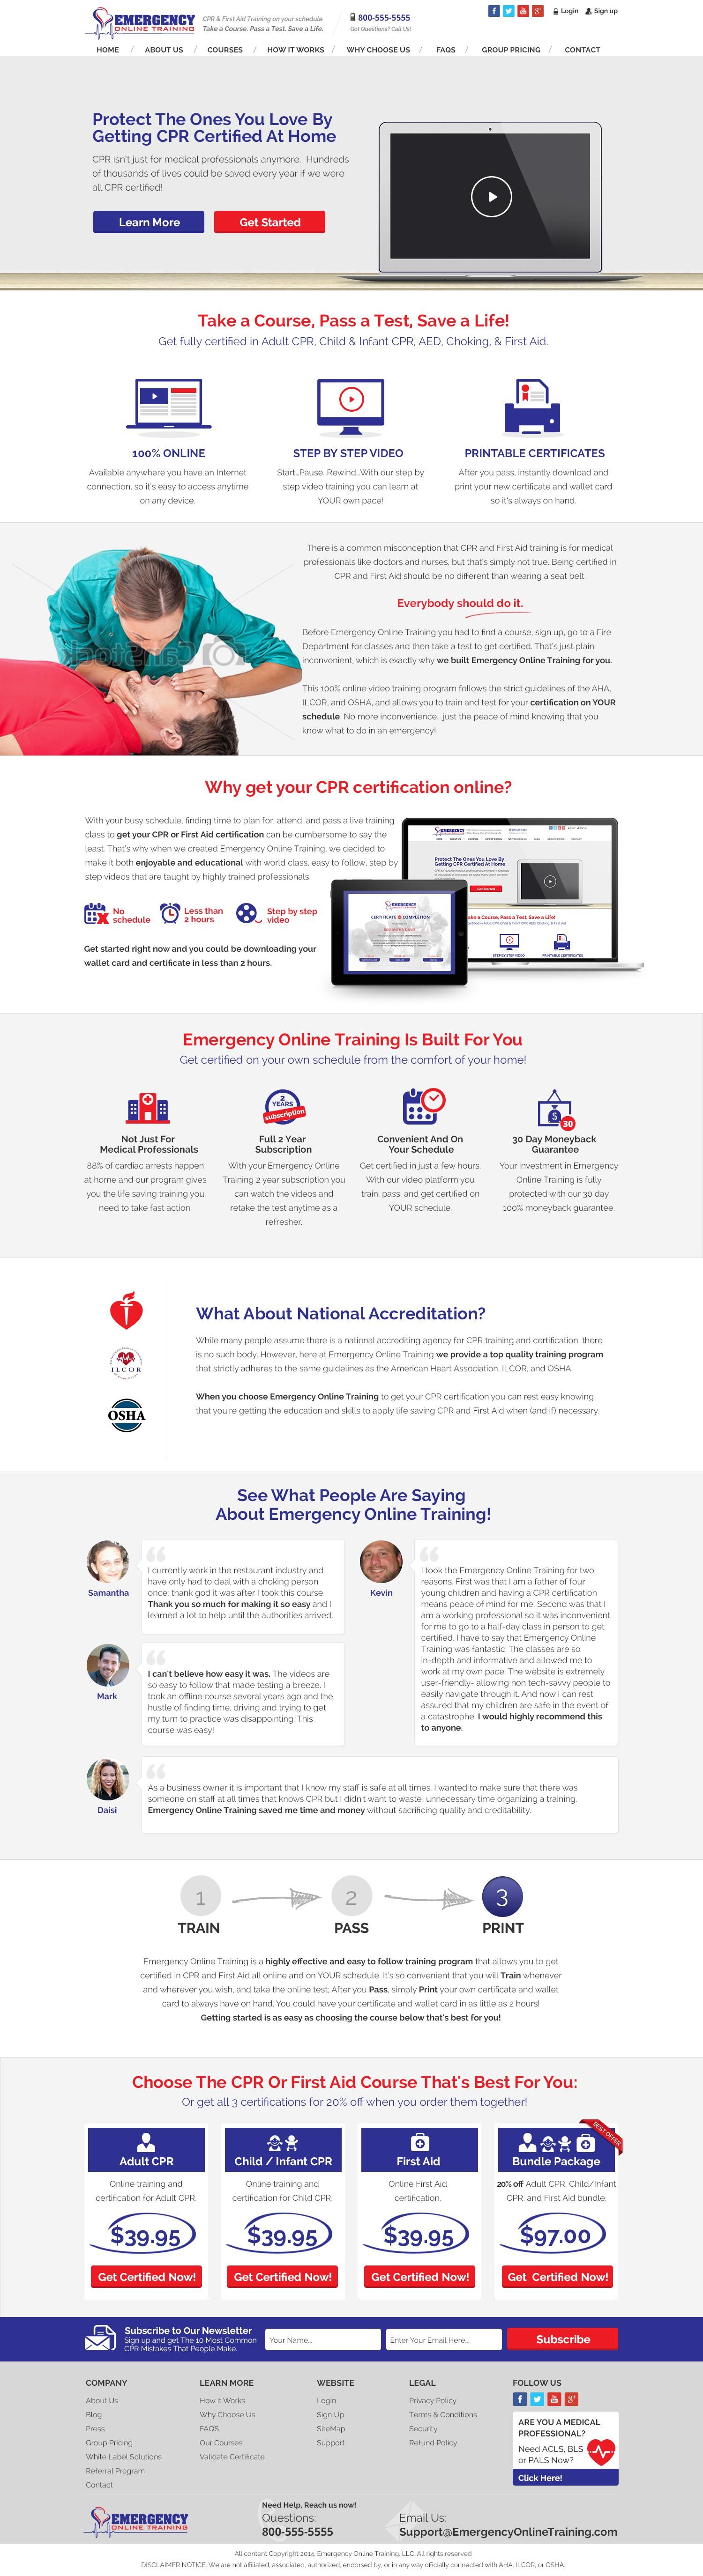 Website Design for Online Medical Training Website